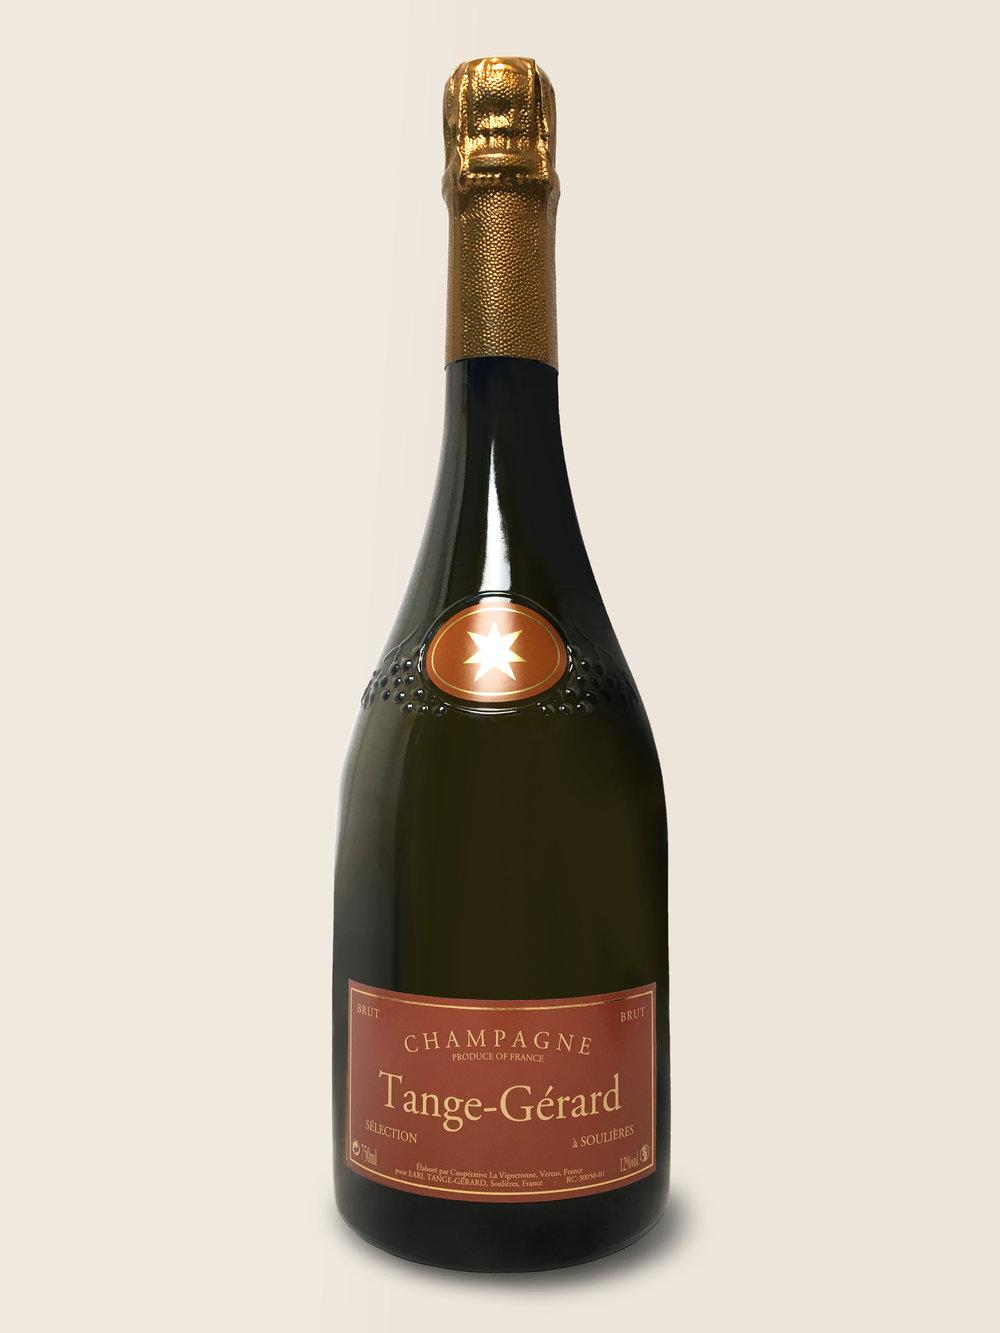 Selection - Ce champagne est parfait avec une multitude d'idées : C'est une merveille en apéritif mais invitez-le également à votre table. Sa puissance lui permet détenir la dragée hauge à beaucoup de mets : depuis le homard en passant par les champignons et le confir du canard et jusqu'a Mont d'Or.